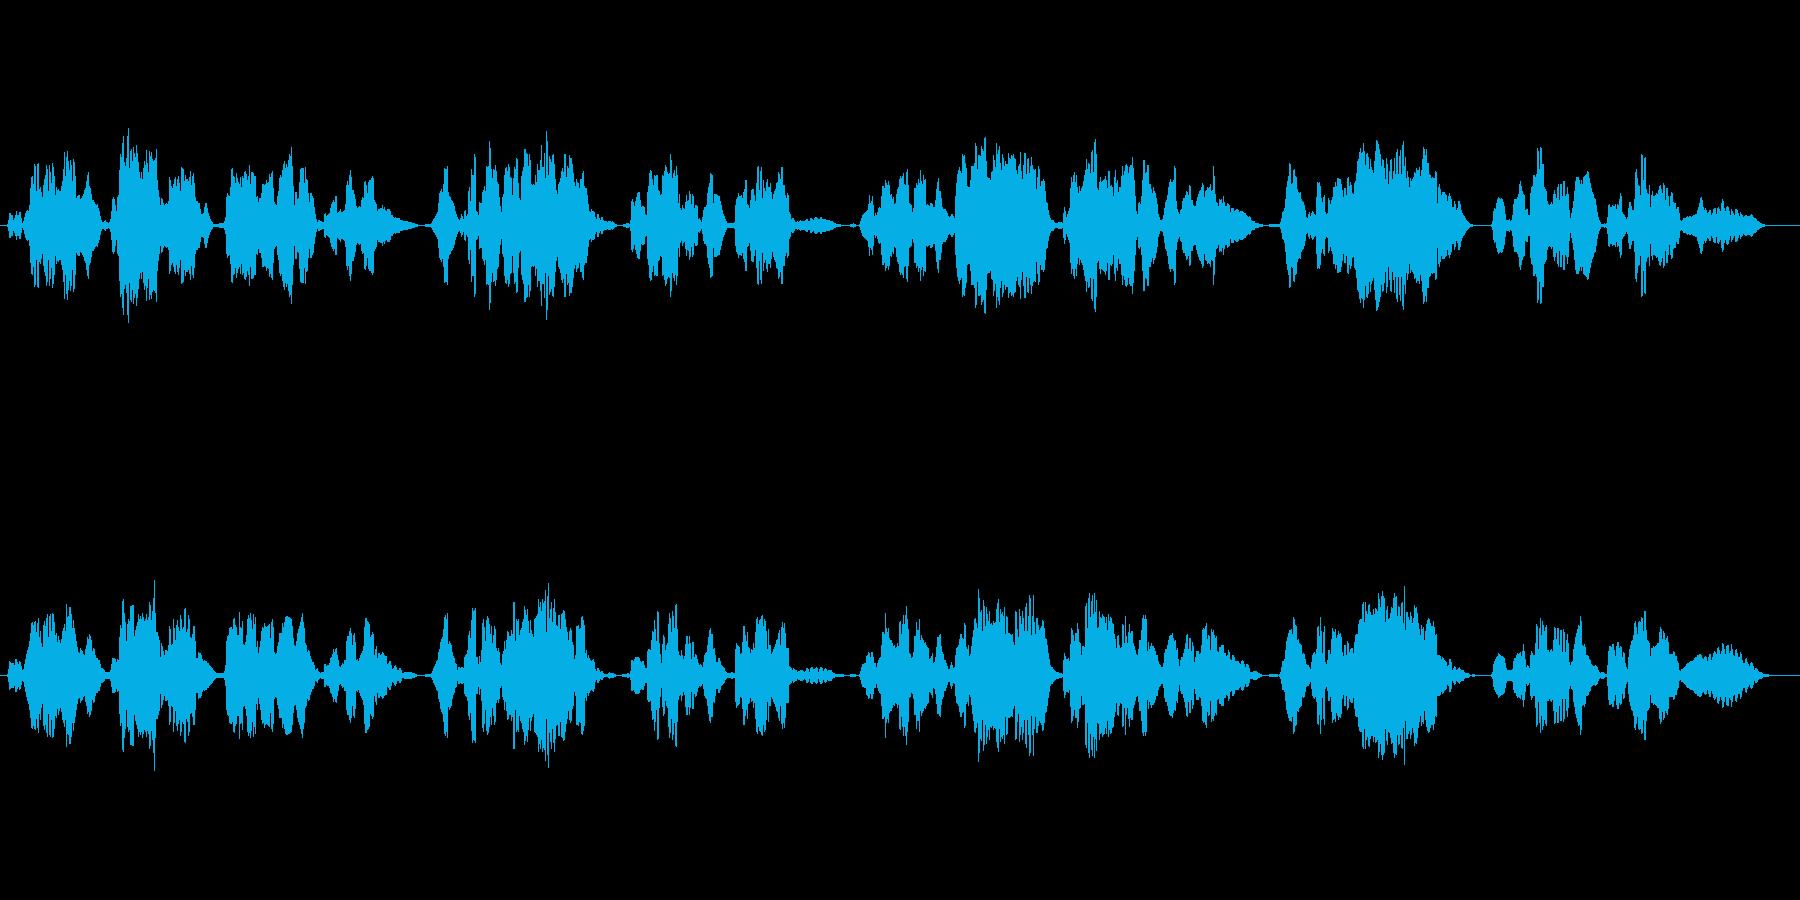 唱歌「ふるさと」のフルート独奏の再生済みの波形